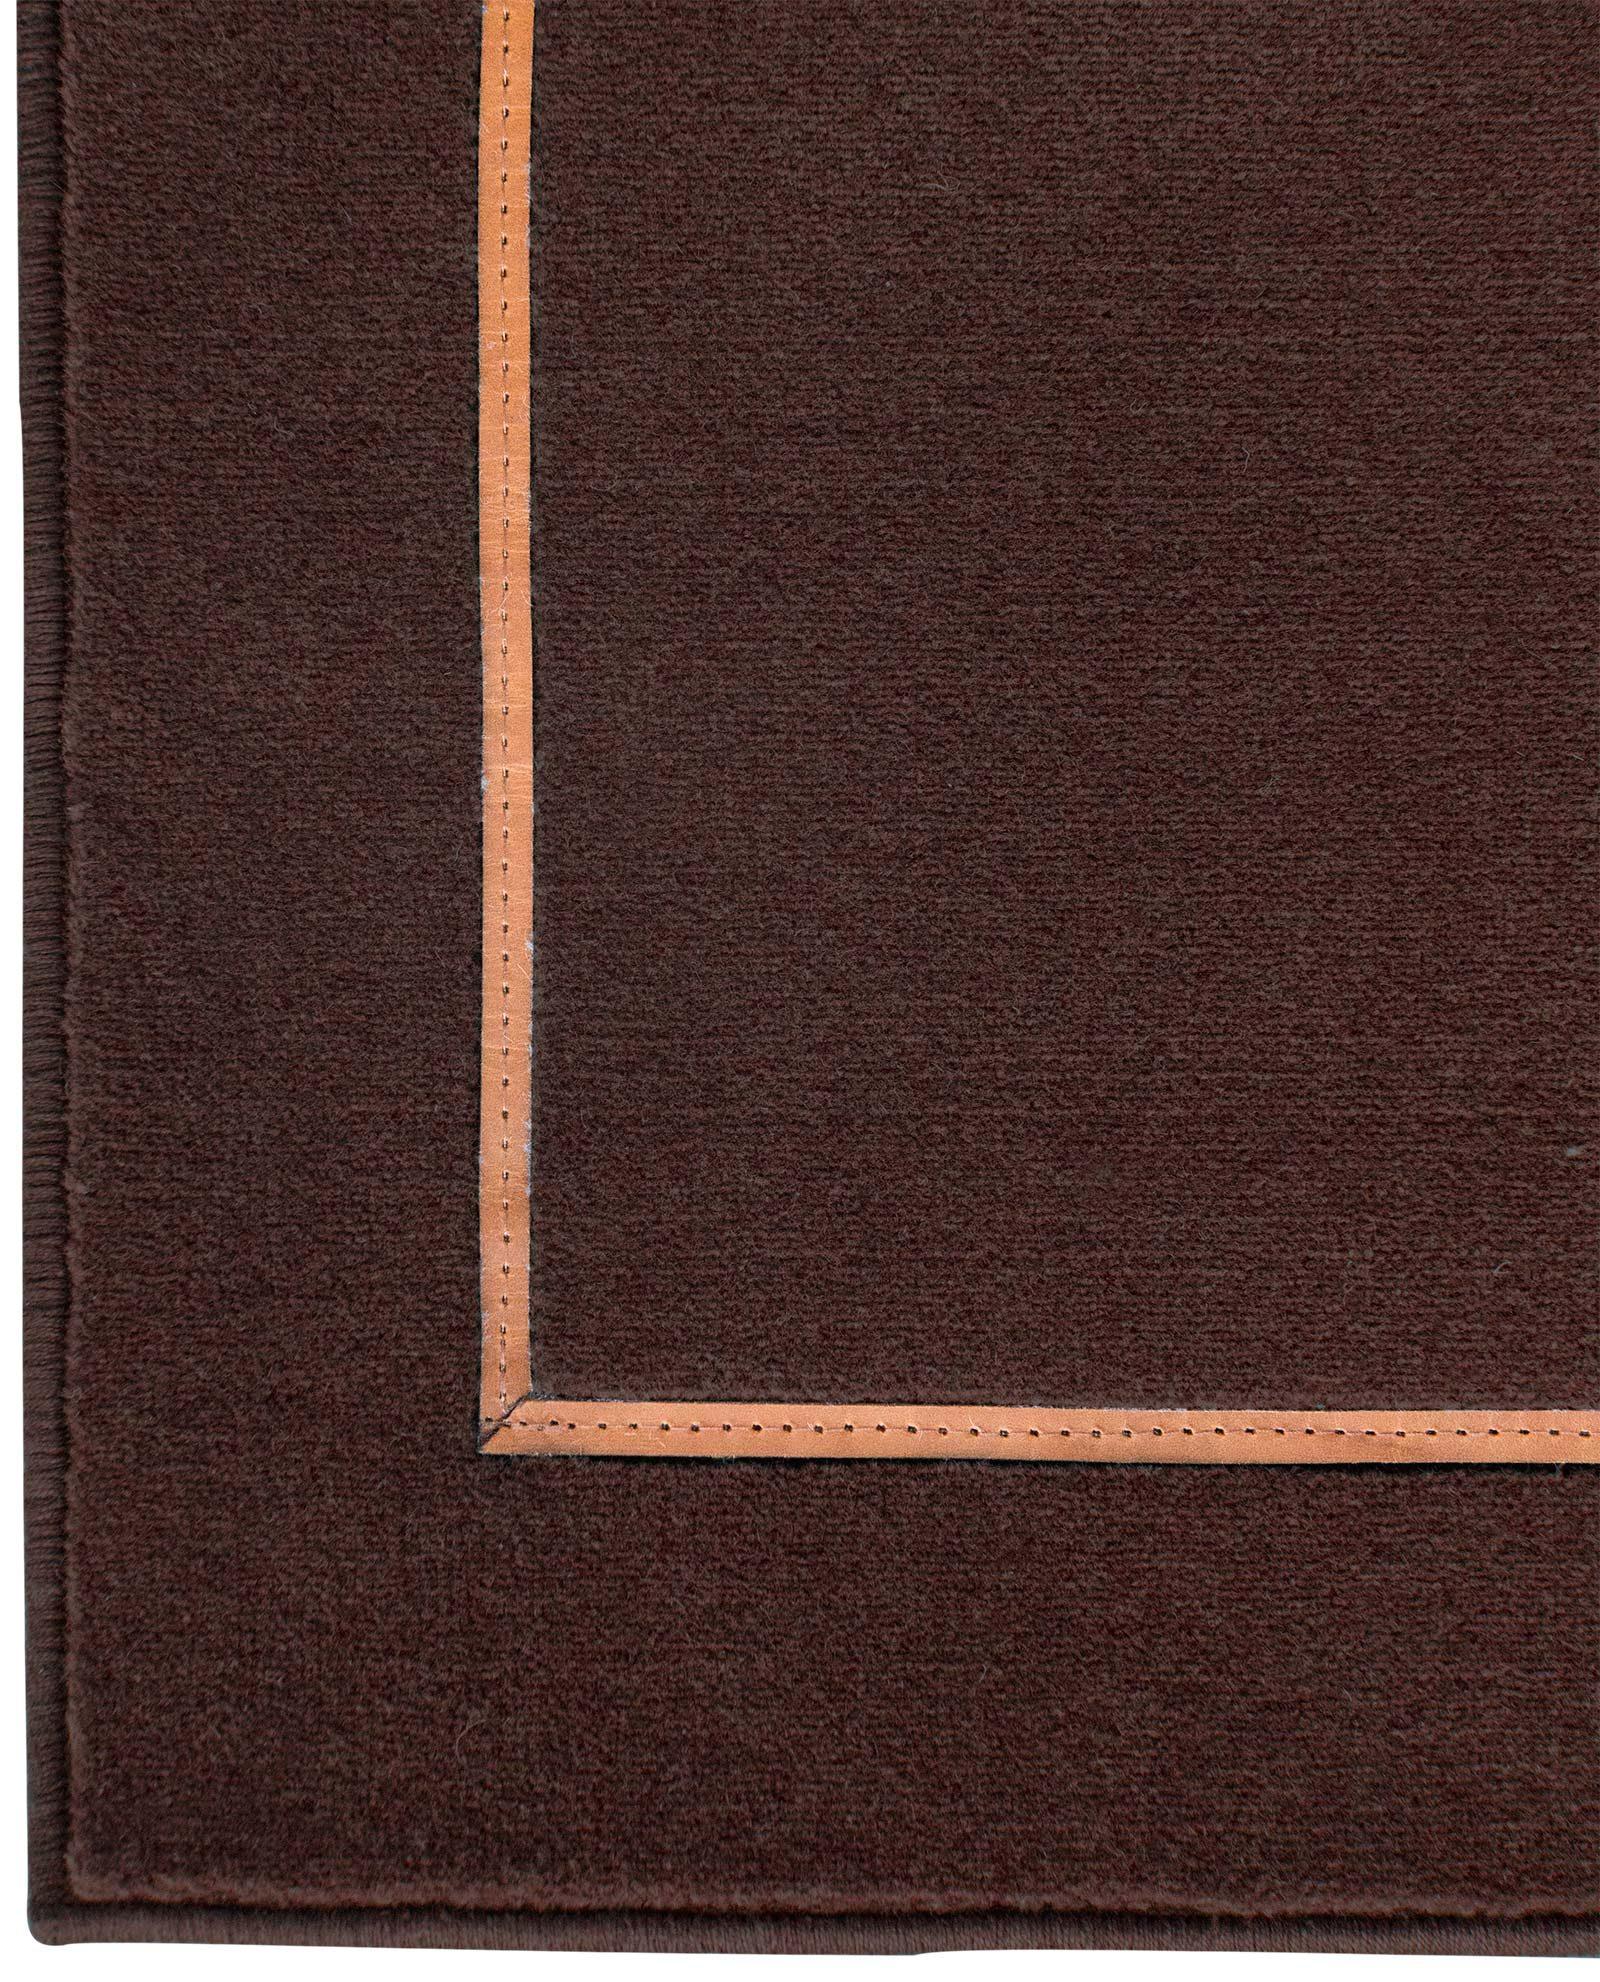 Louis De Poortere Wilton Tapijten W Leather Richelieu Velours RV3 9802